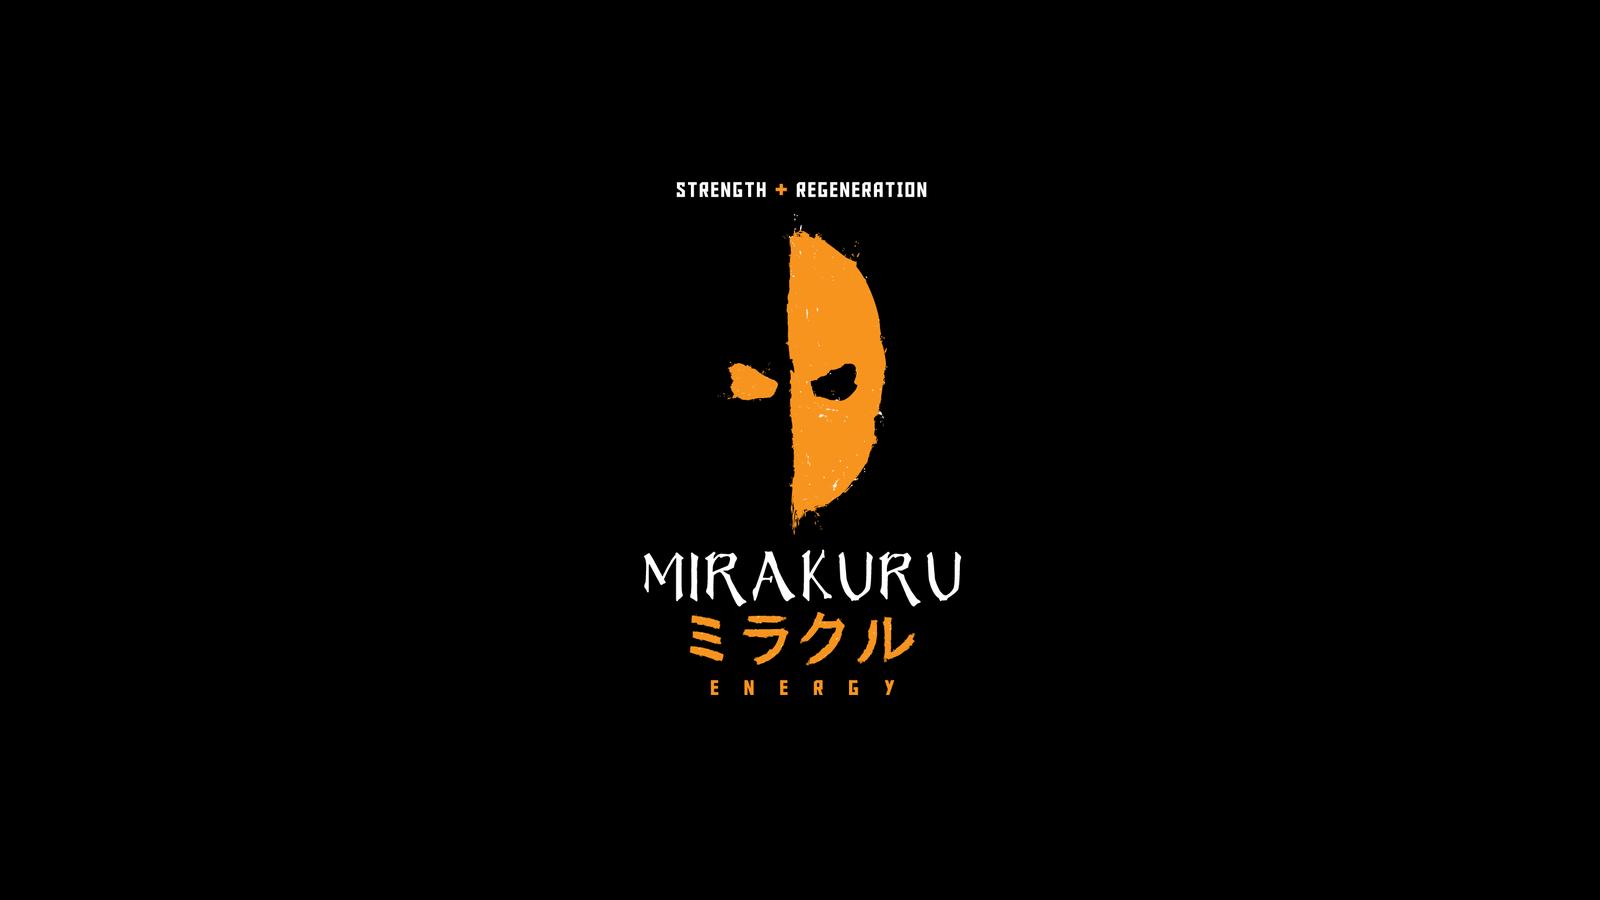 480x854 deathstroke mirakuru android one hd 4k wallpapers